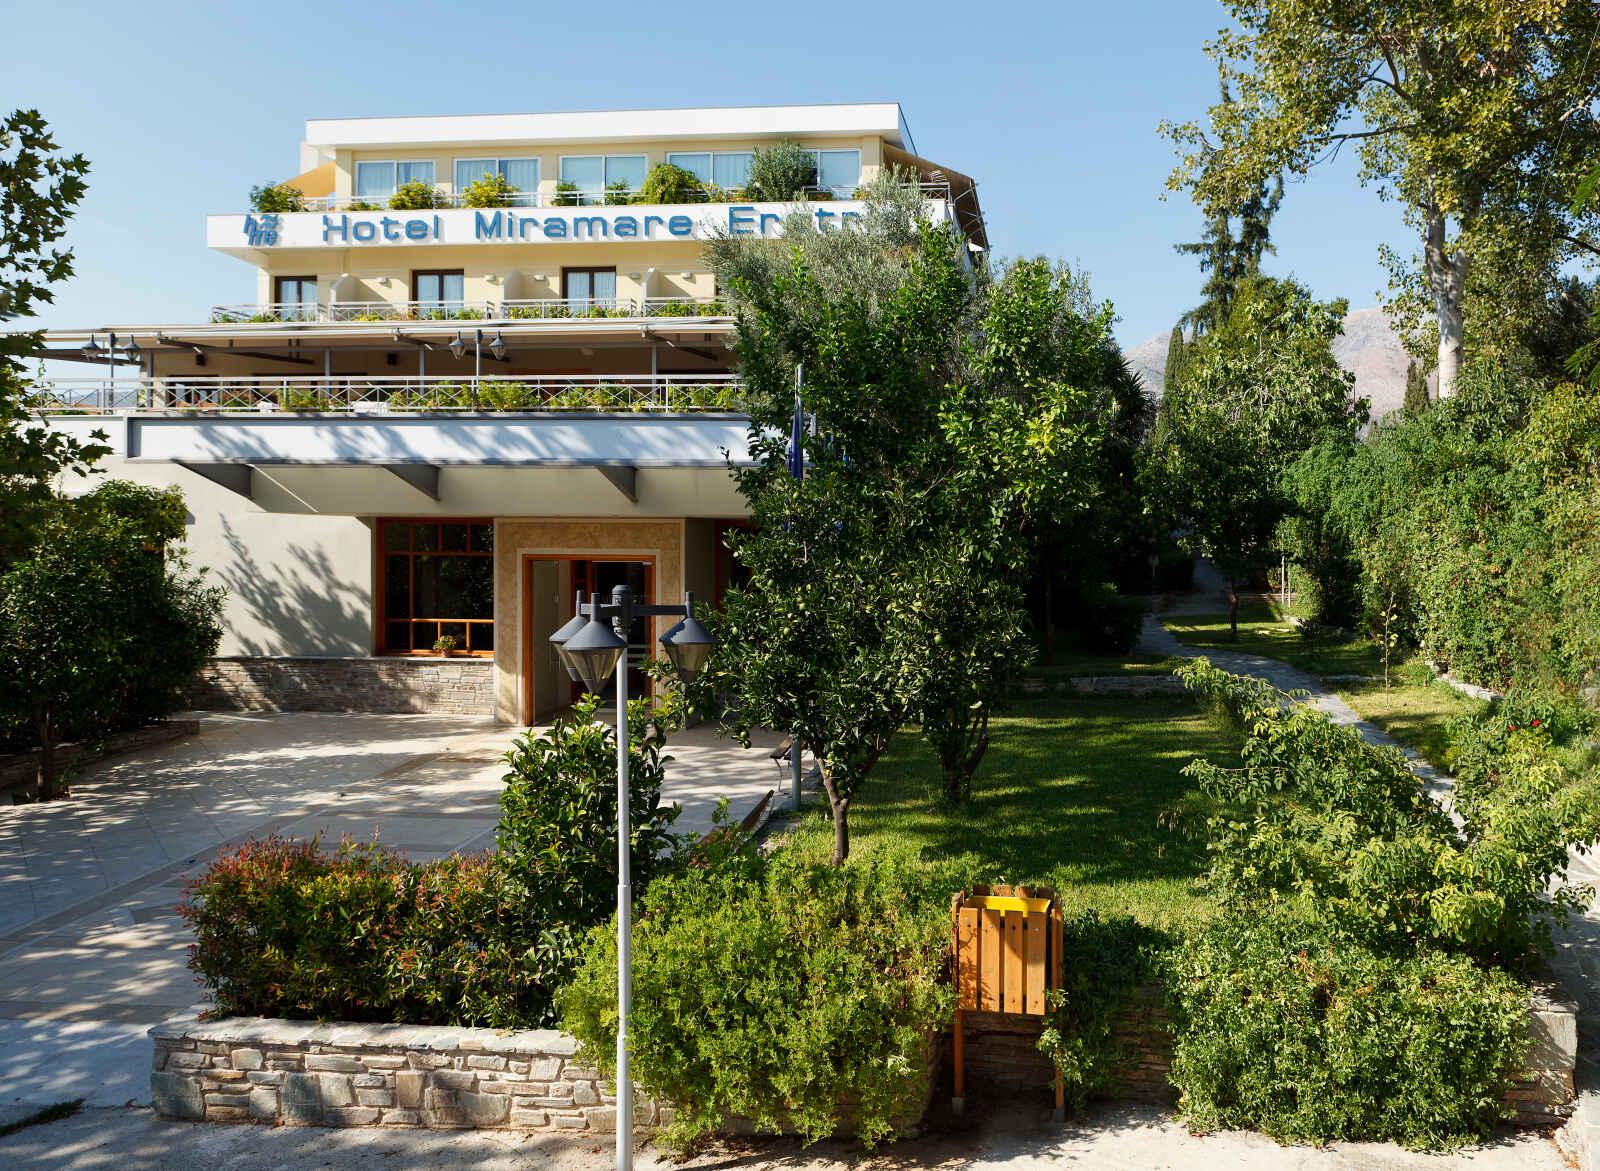 Grèce : Miramare Hotel Eretria